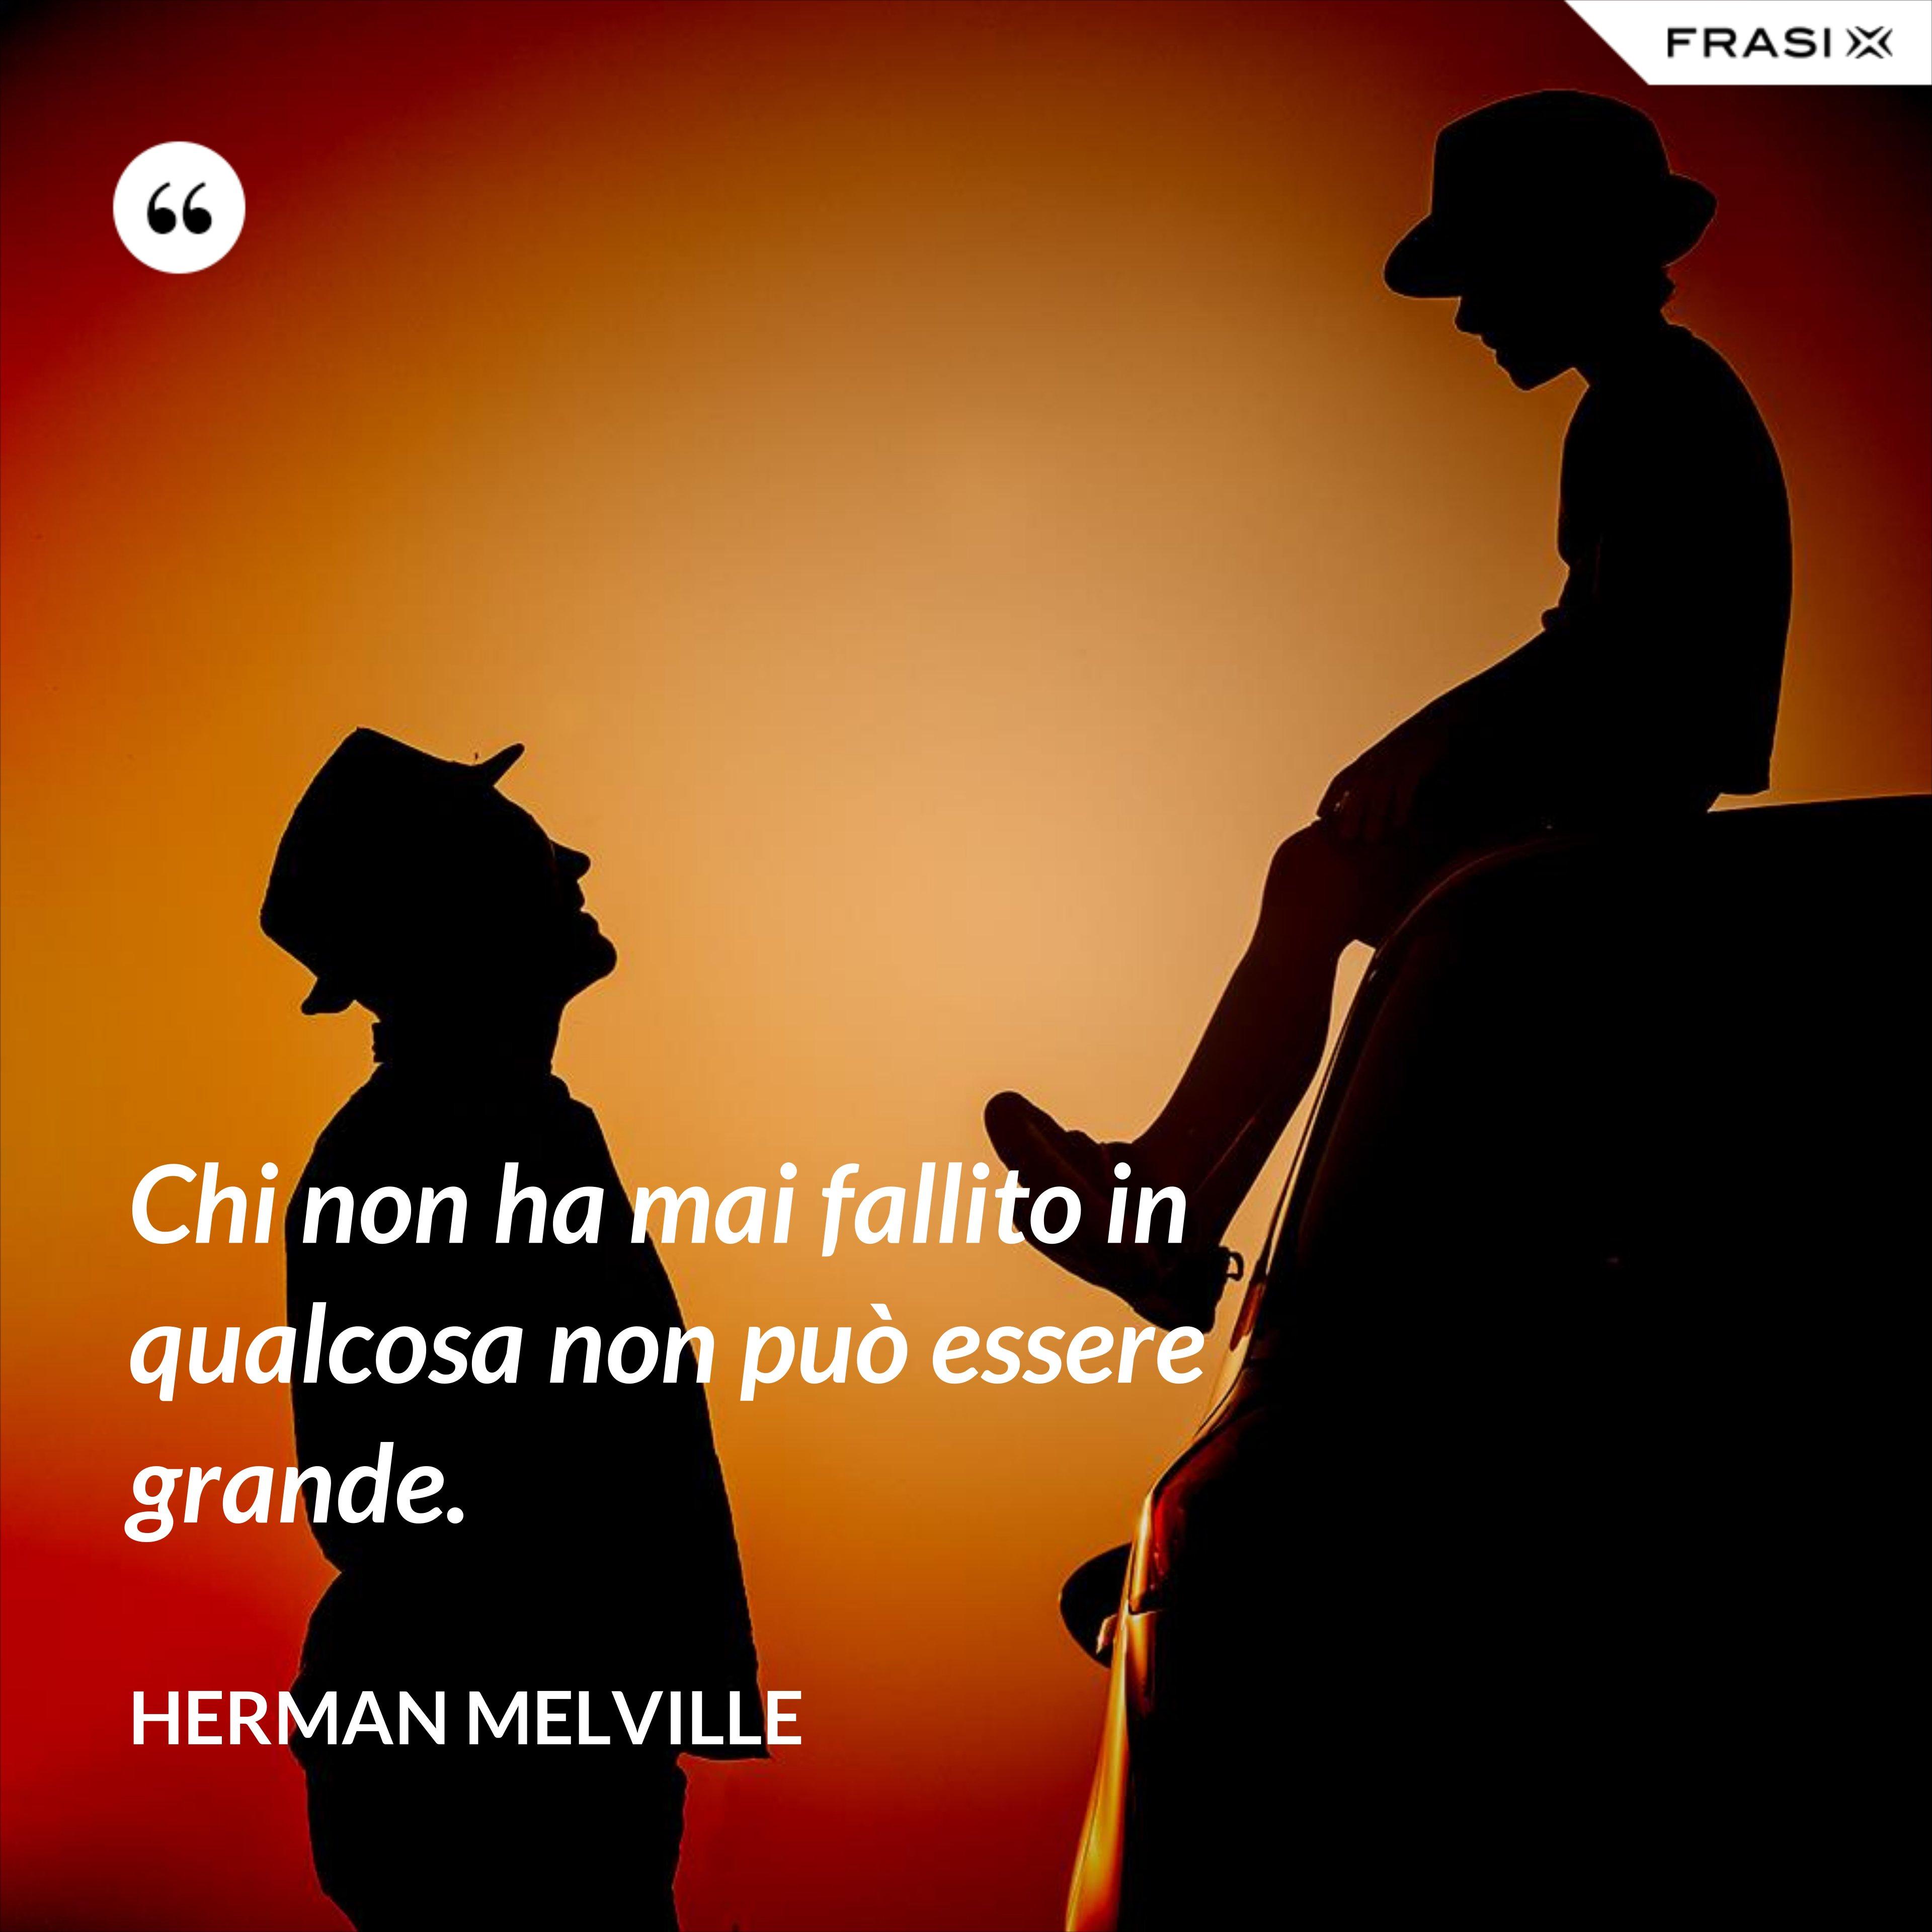 Chi non ha mai fallito in qualcosa non può essere grande. - Herman Melville